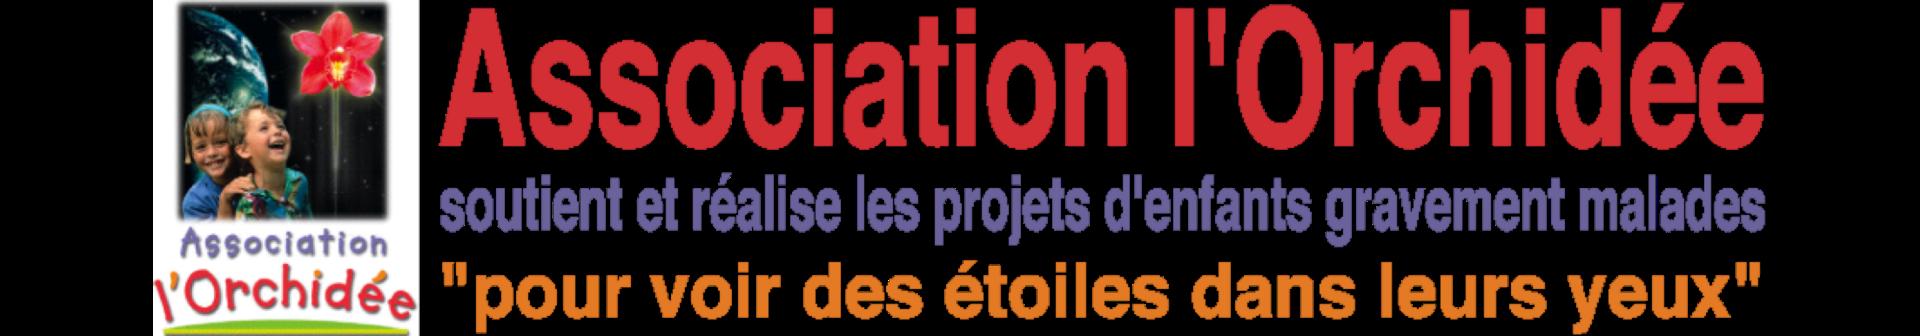 Adhésion 2020 - Association l'Orchidée